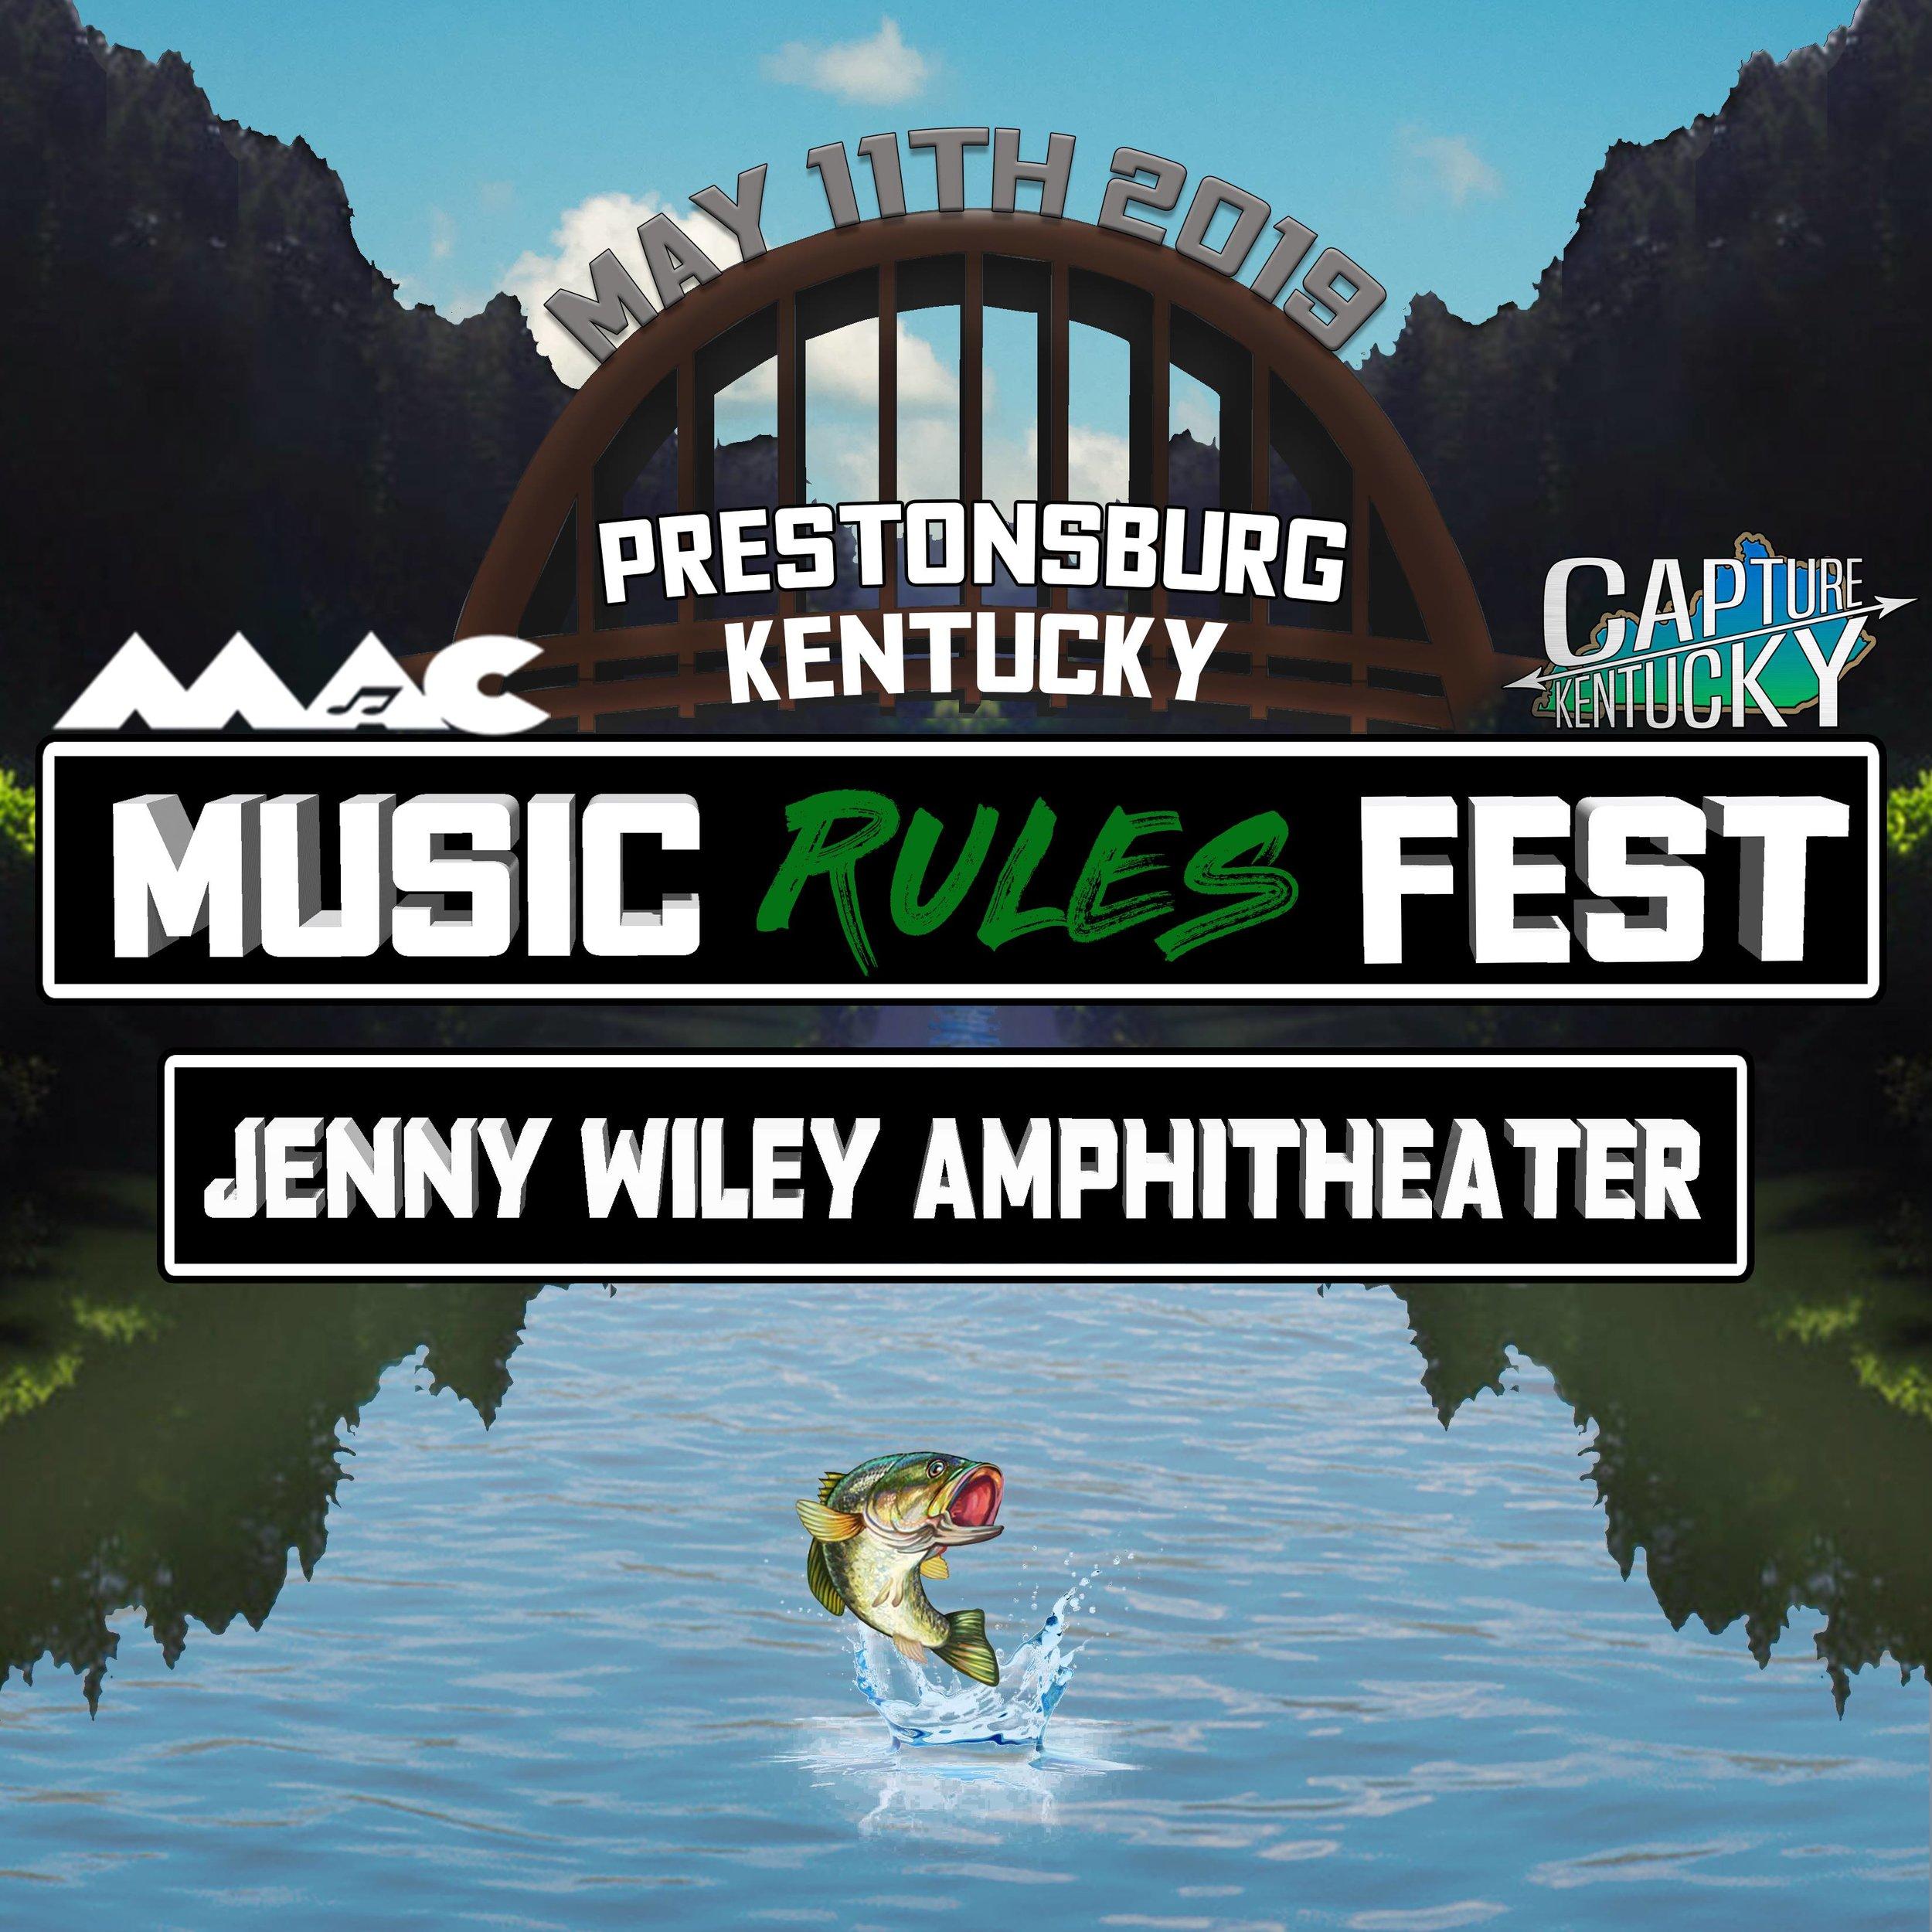 Music Rules Fest Web.jpg